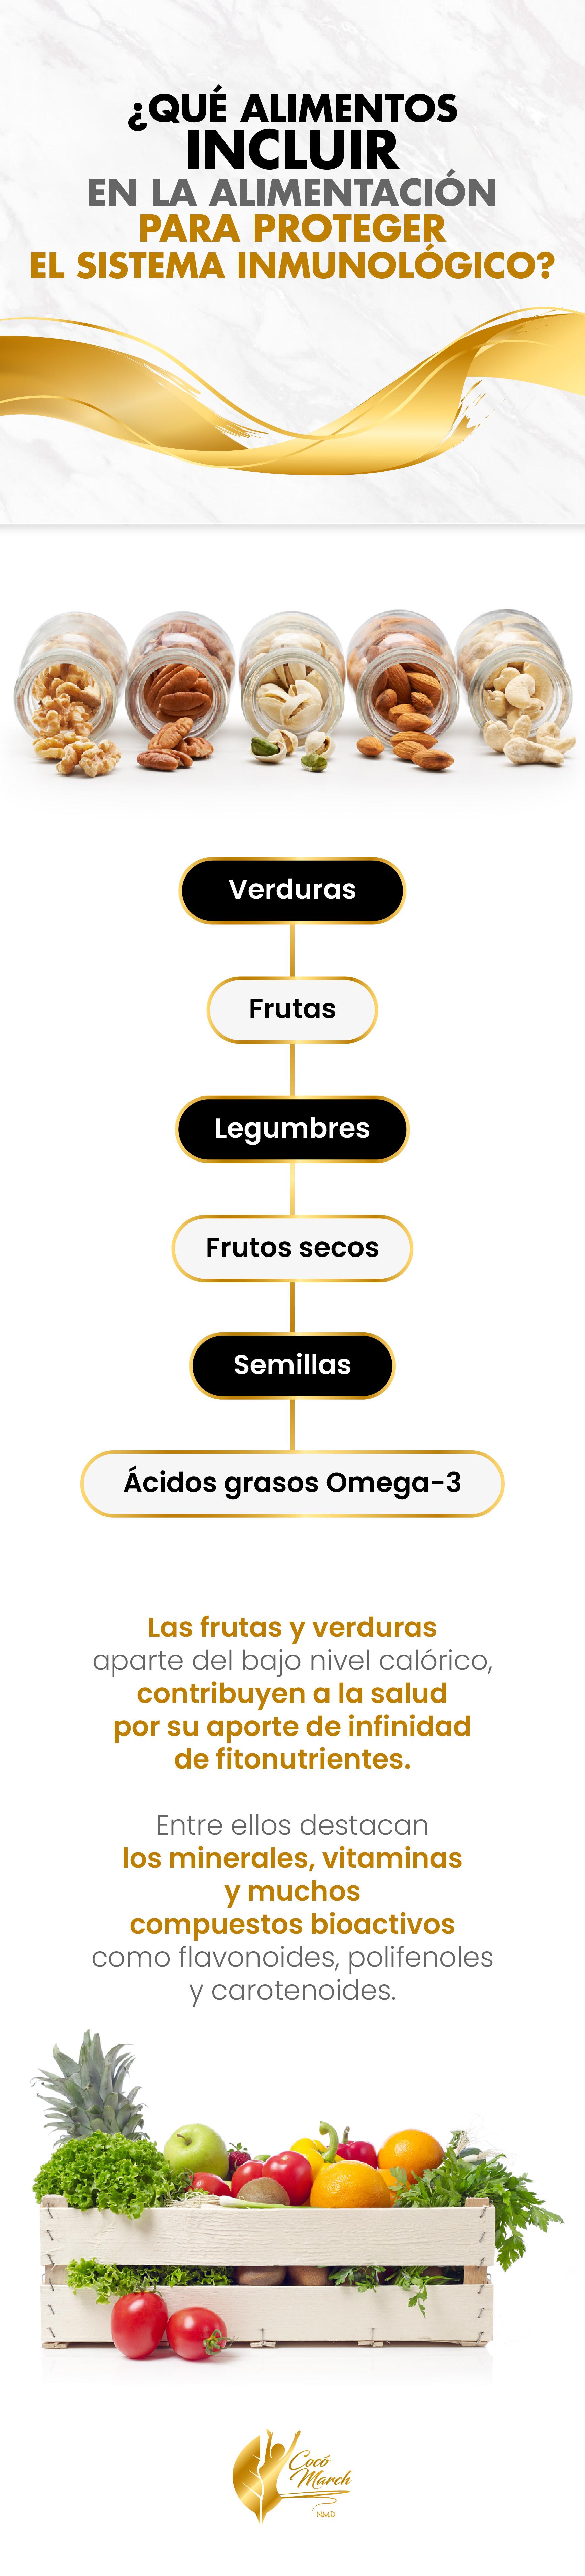 alimentos-a-incluir-en-la-alimentacion-para-proteger-sistema-inmunologico